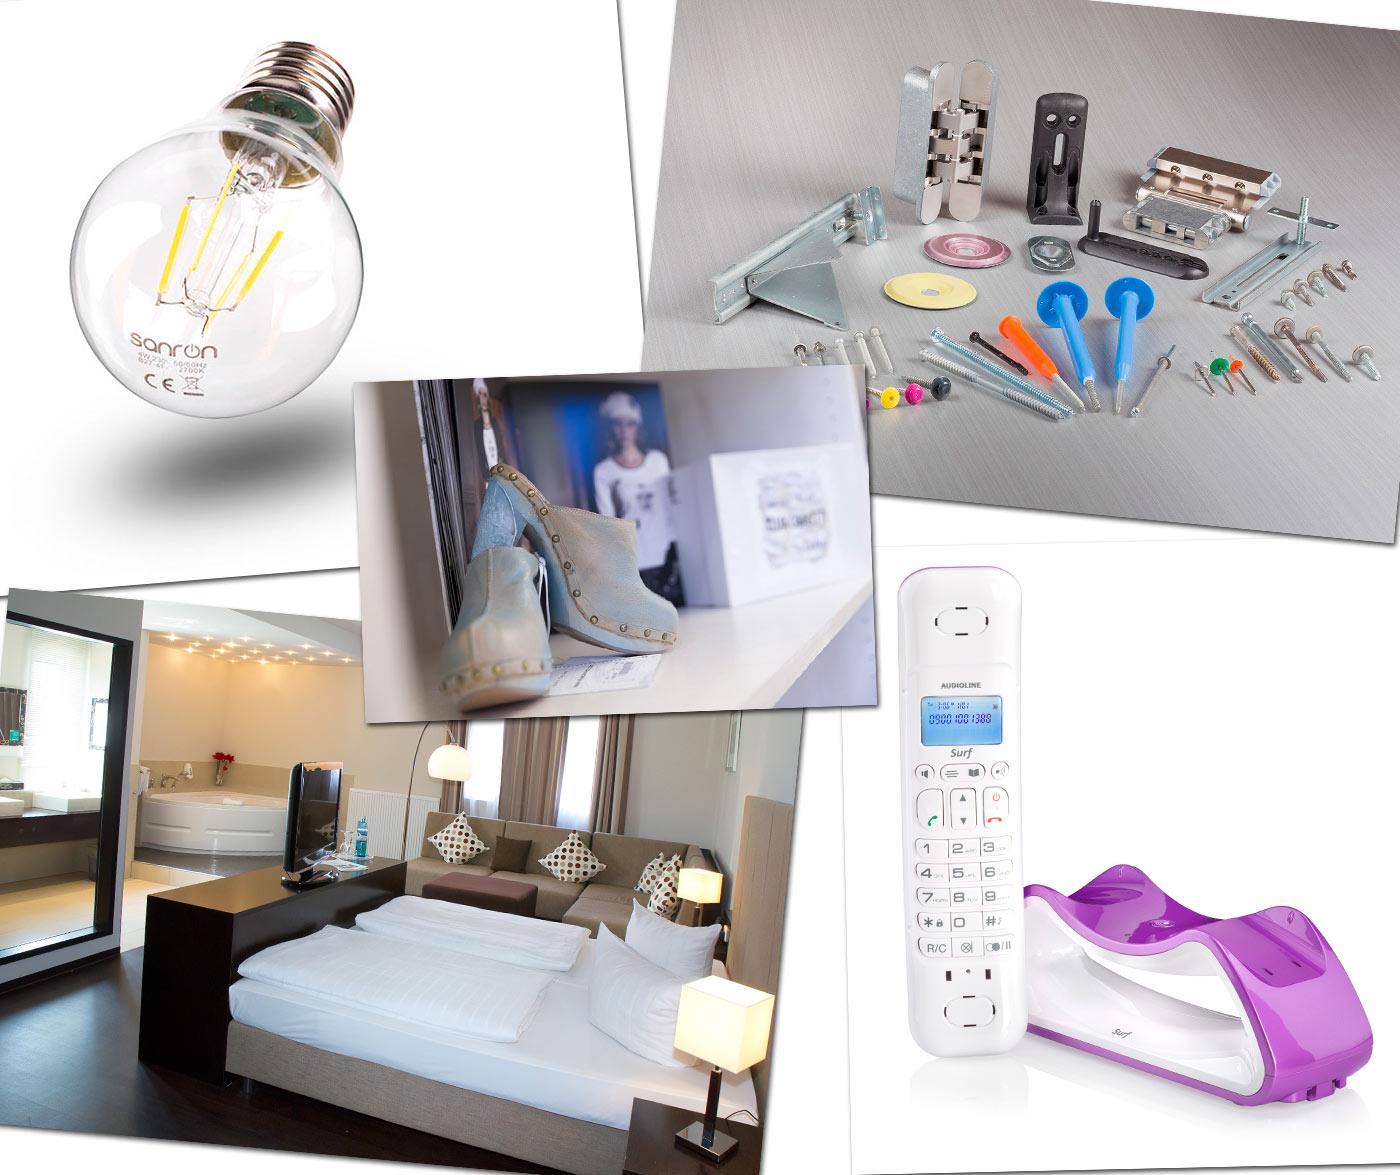 webdesign drucksachen fotografie. Black Bedroom Furniture Sets. Home Design Ideas